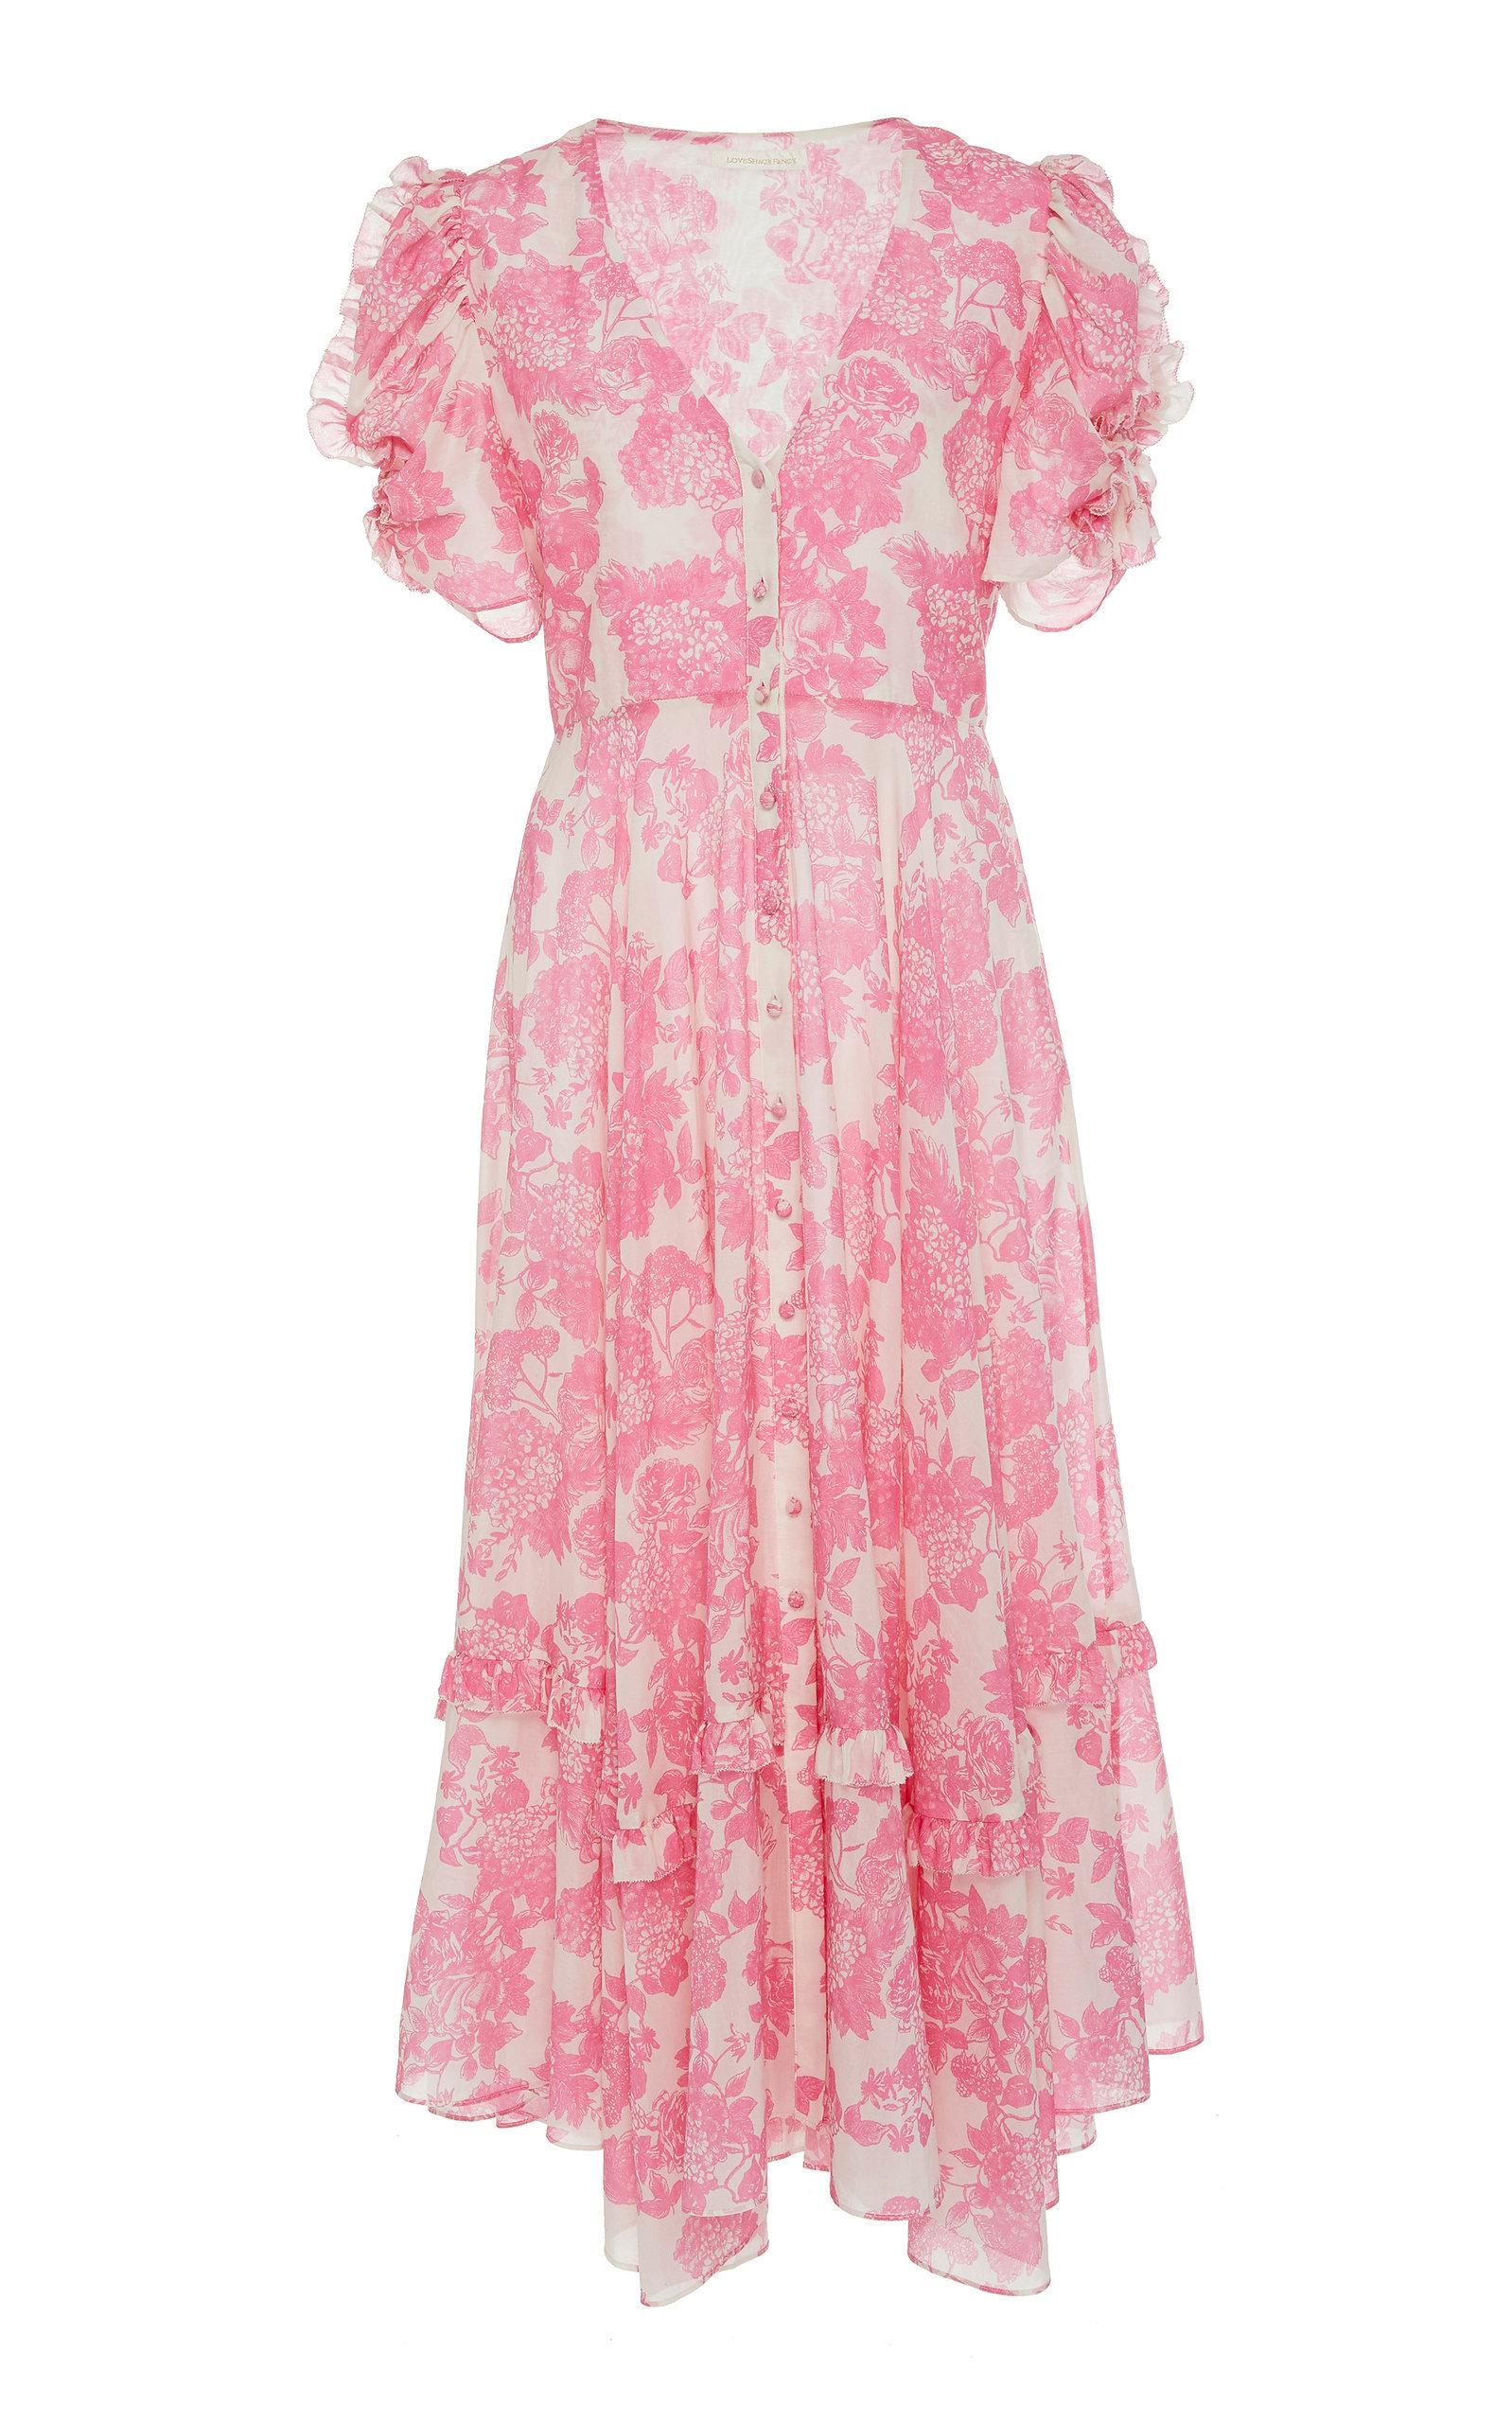 LoveShackFancy Andie Floral print dress